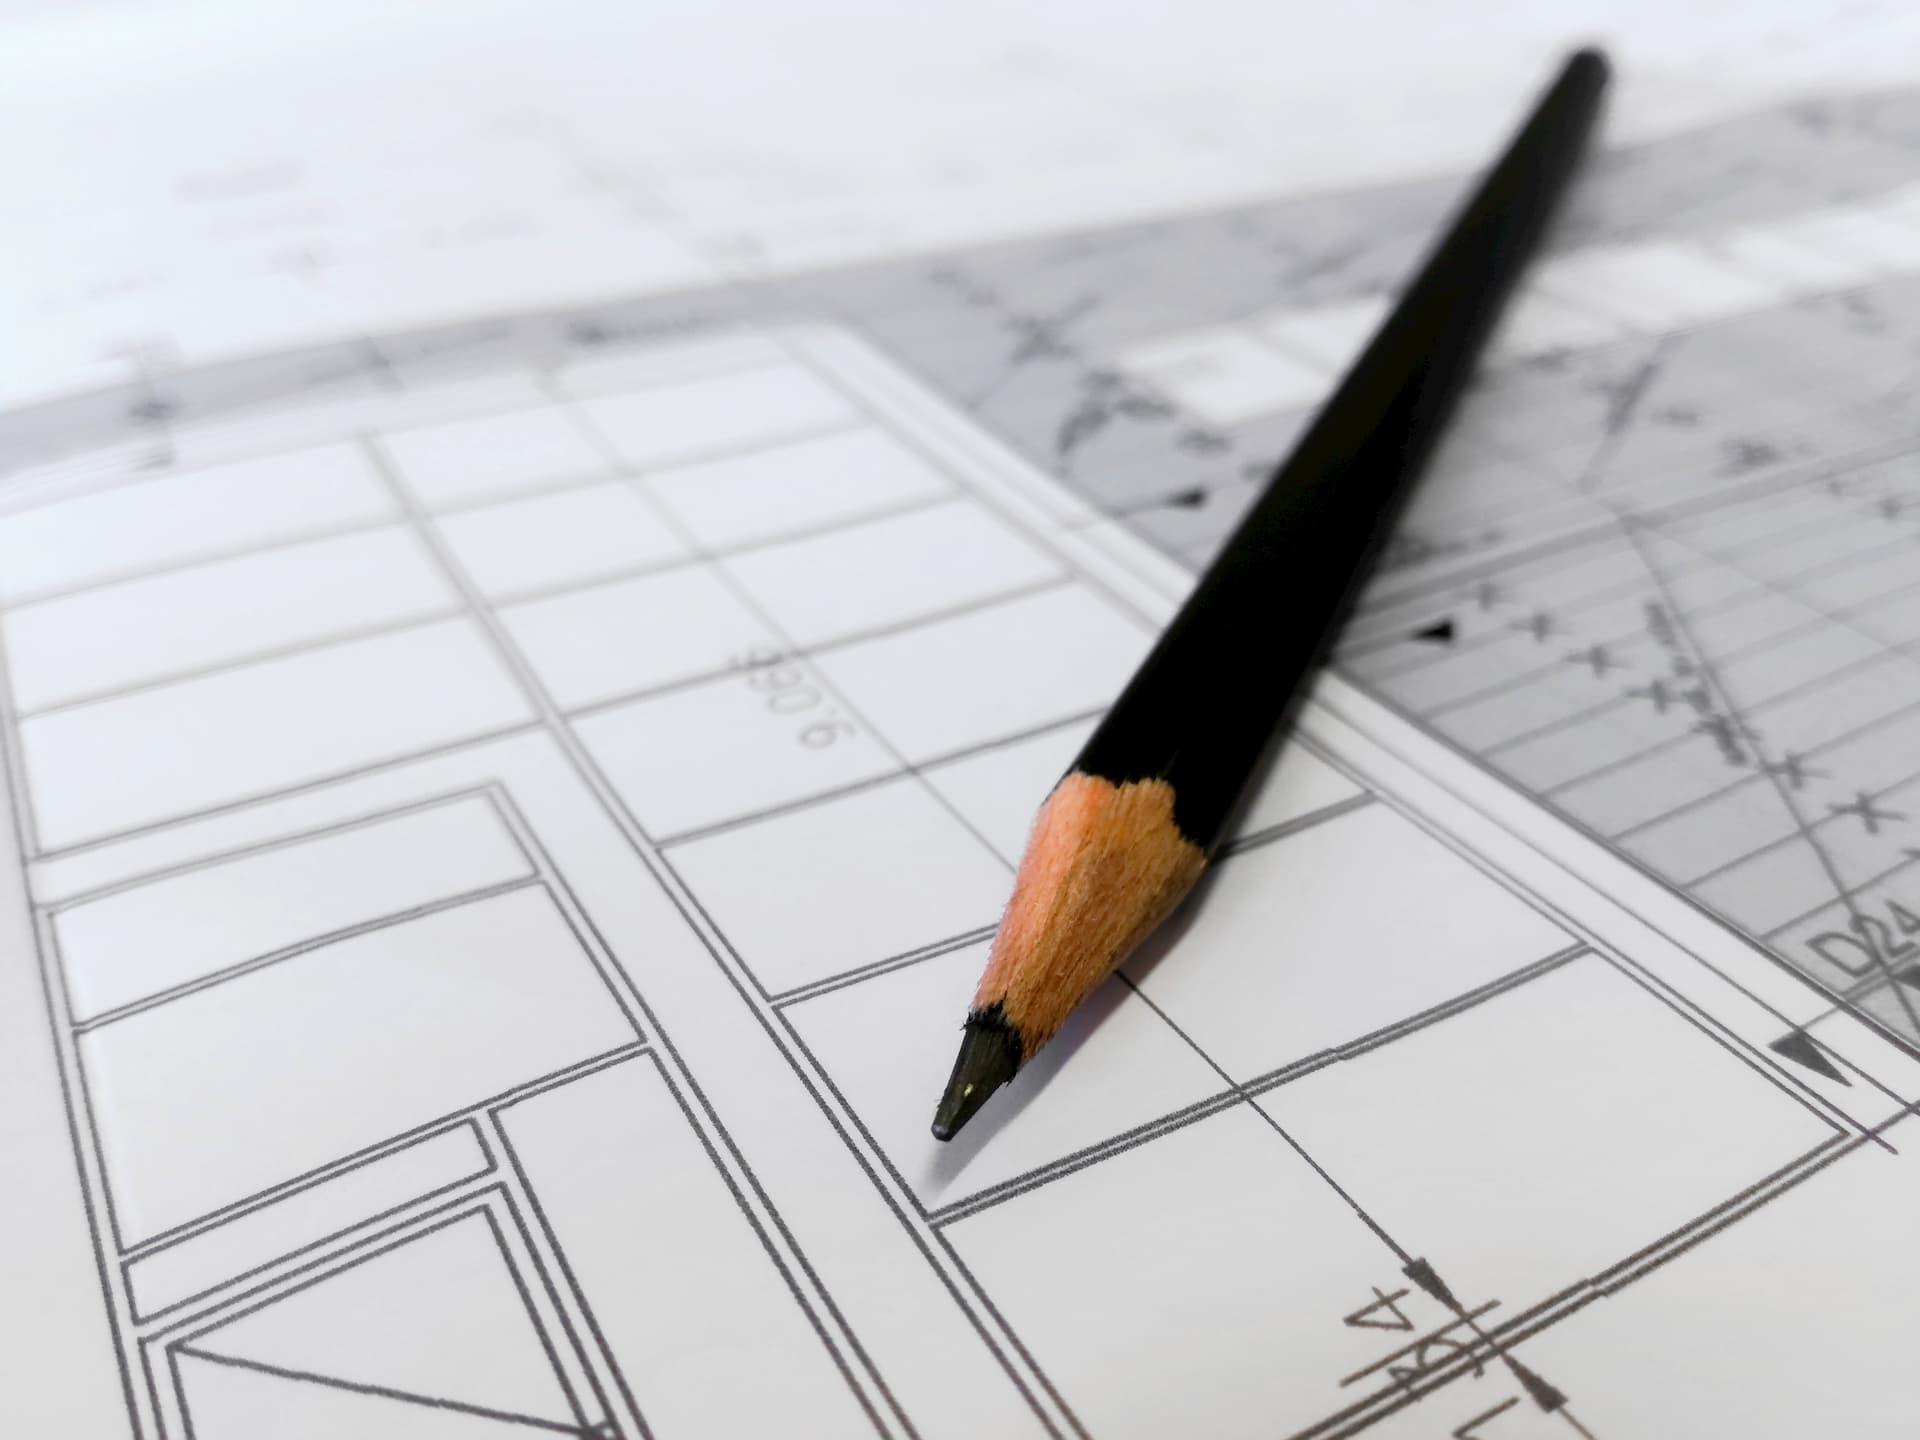 La casa che antepone le persone all'architettura, capace di assecondare il nostro modello di casa ideale che, nel tempo cambia, come noi stessi.